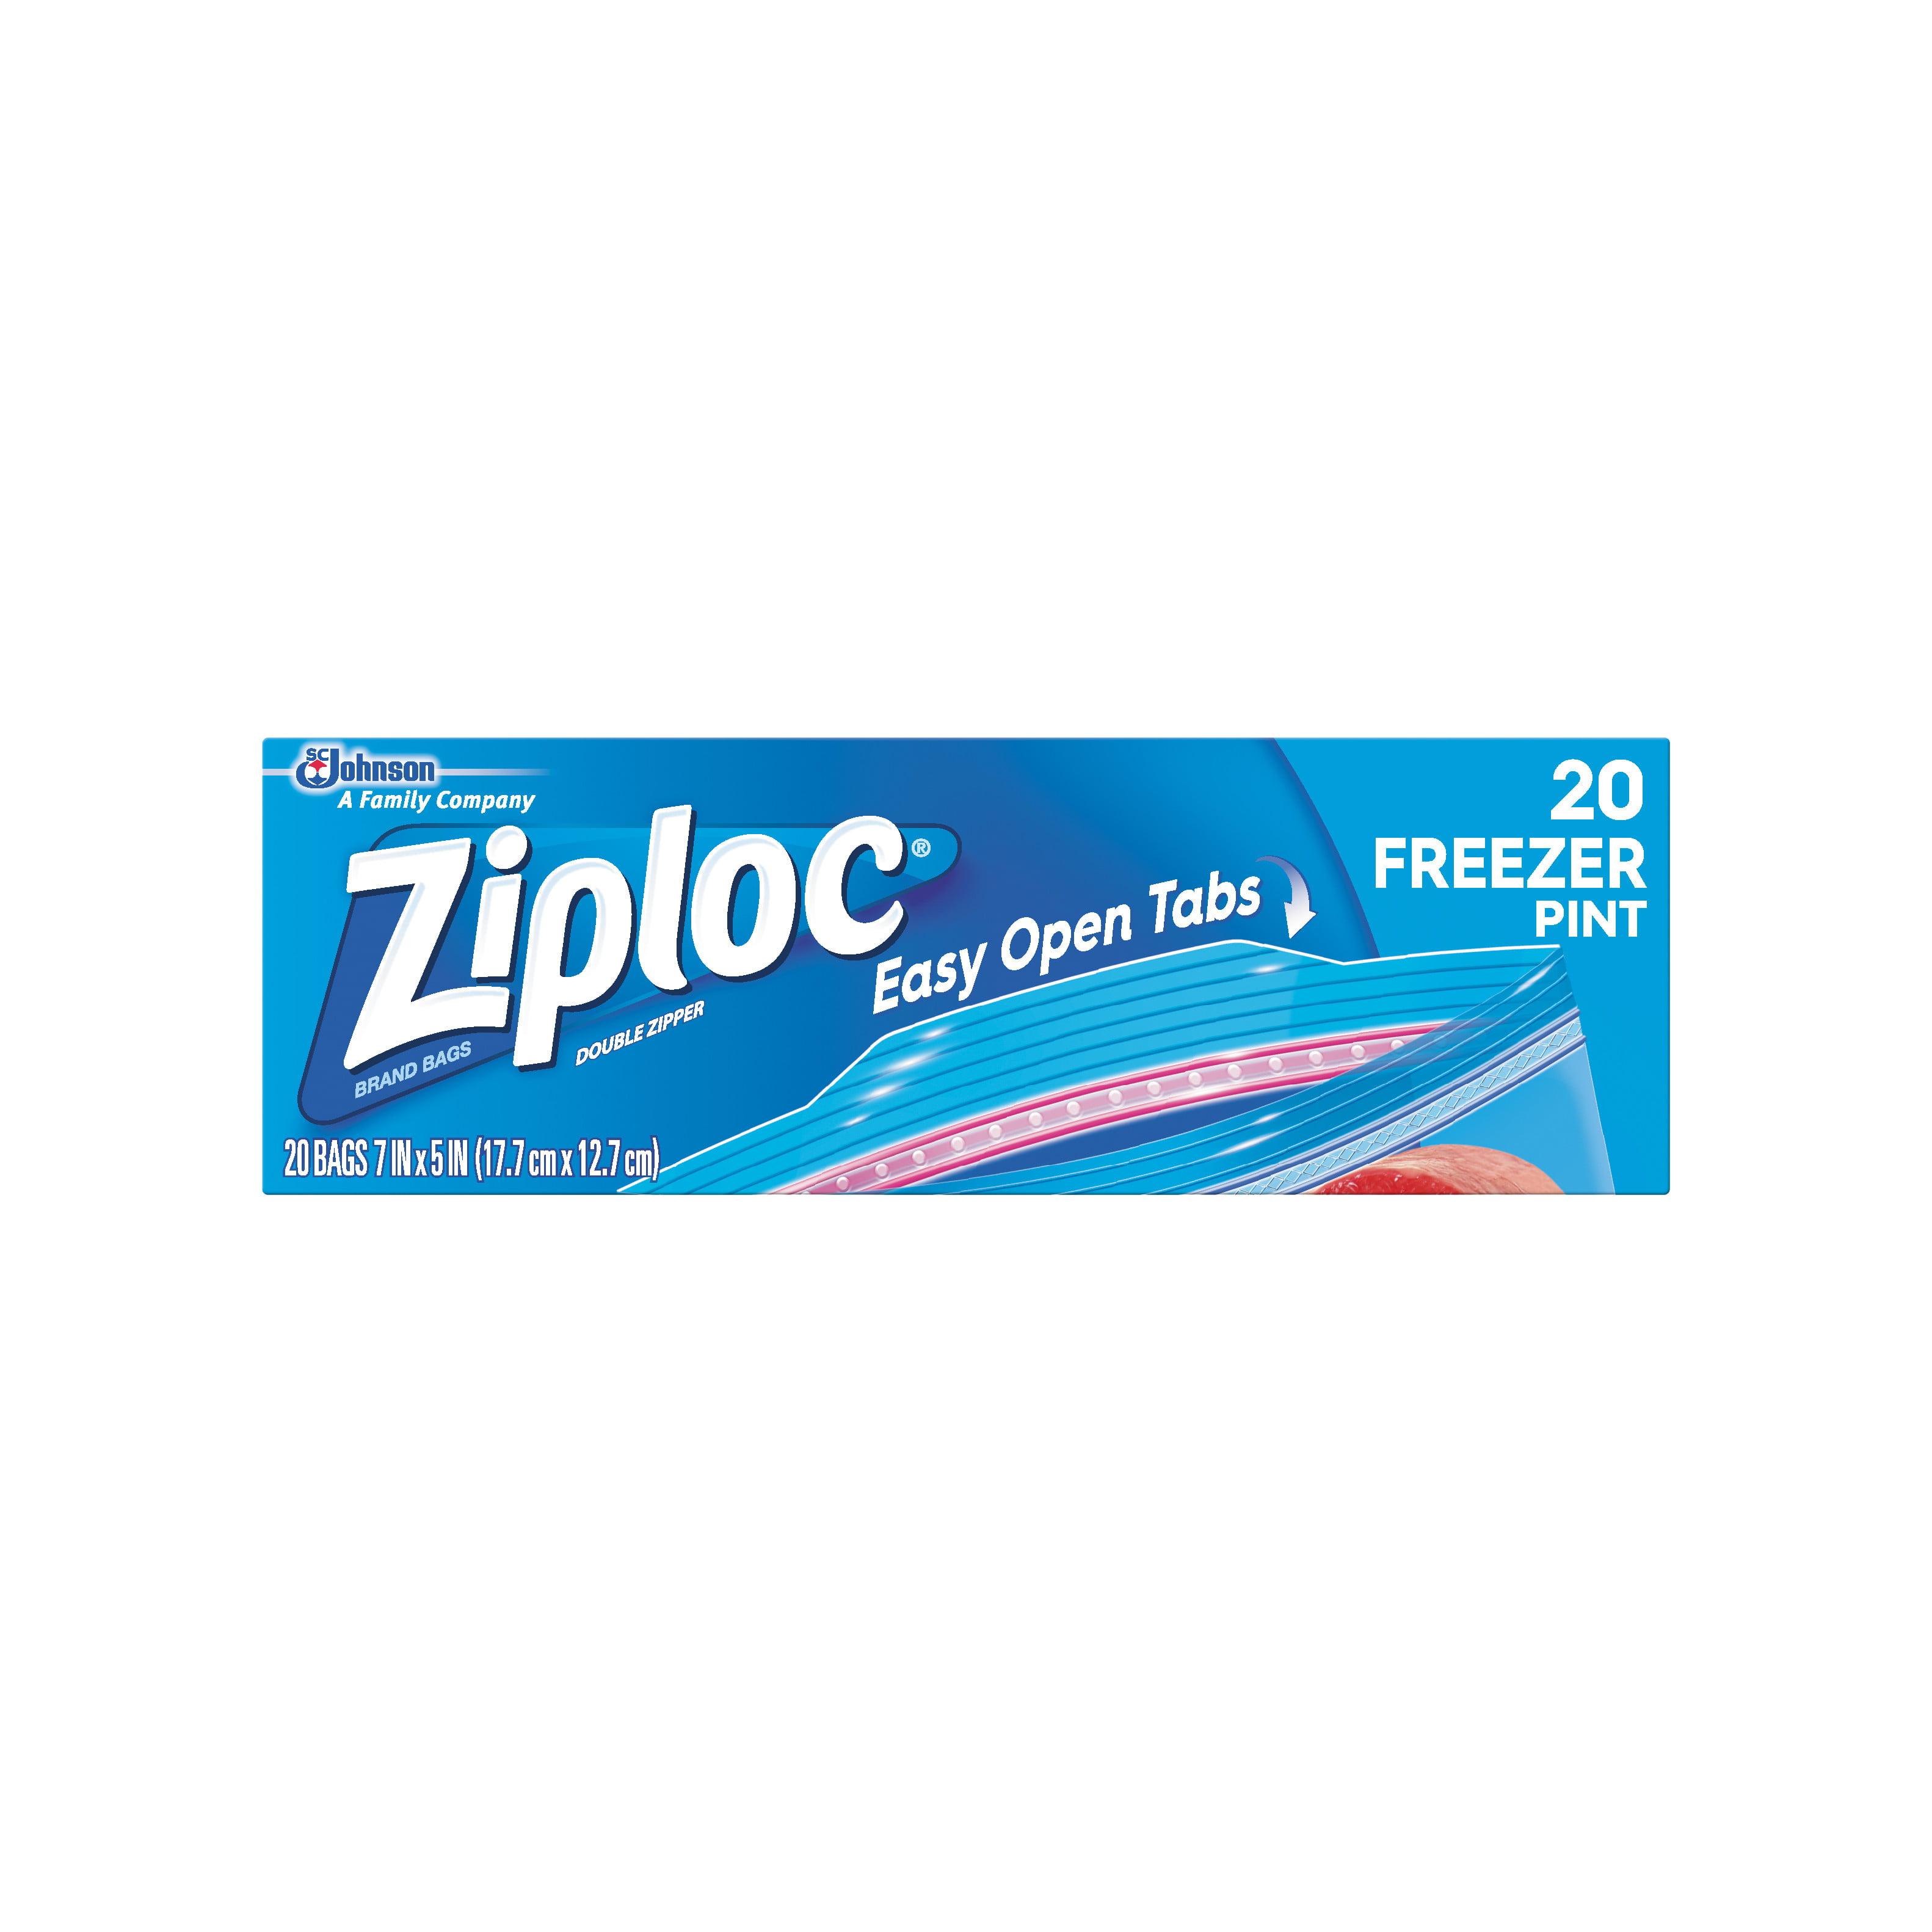 Ziploc Freezer Bags Pint 20 count